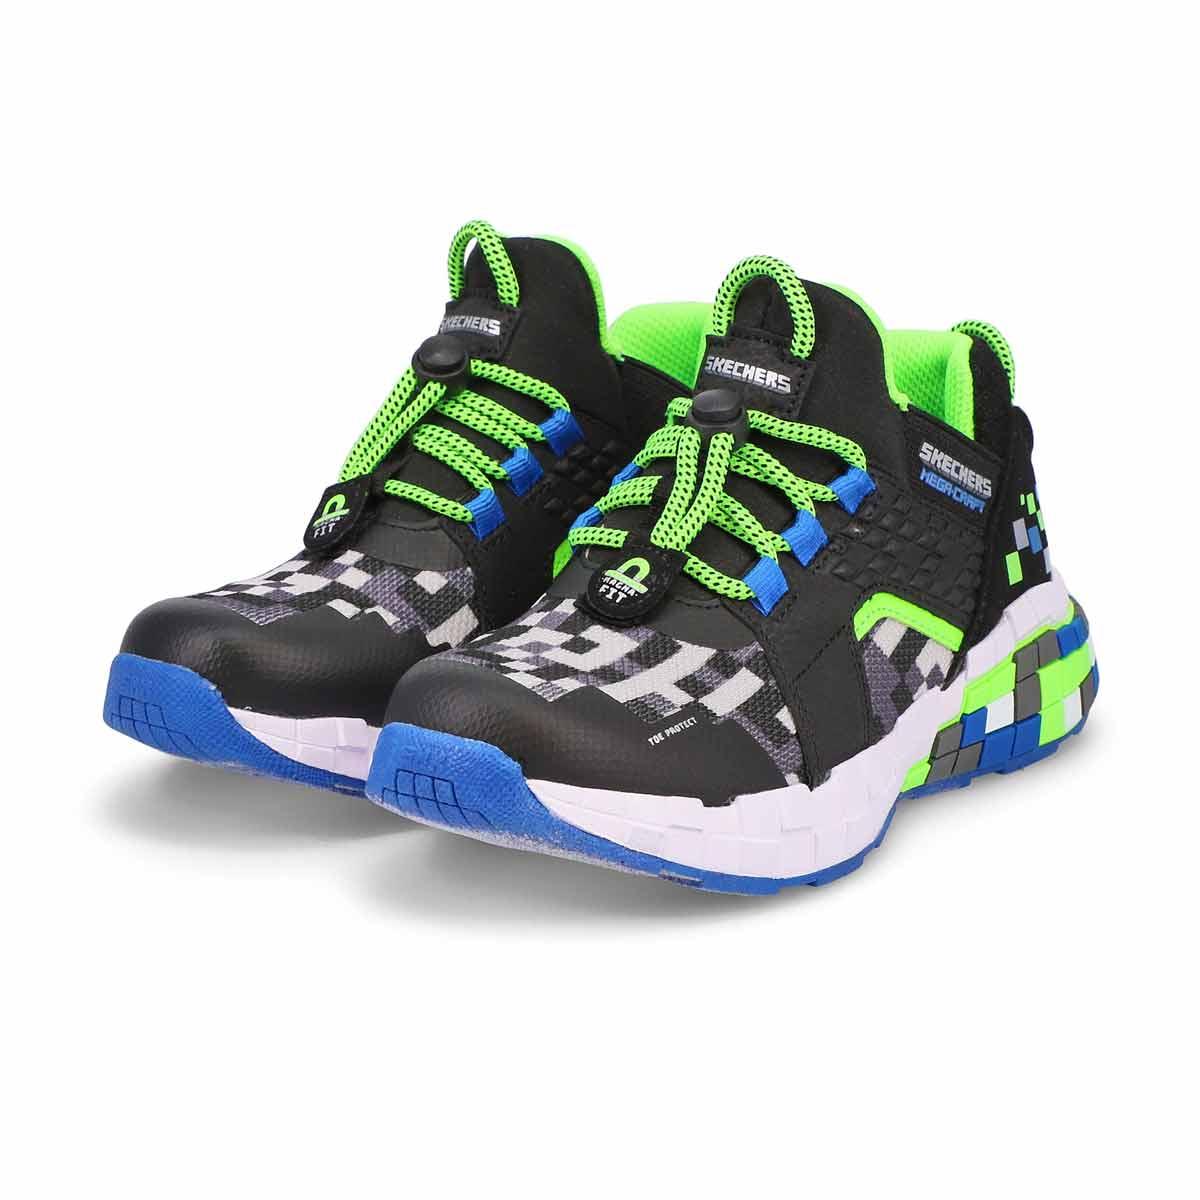 Boys' Mega-Craft Cubozone Sneaker - Black/Lime